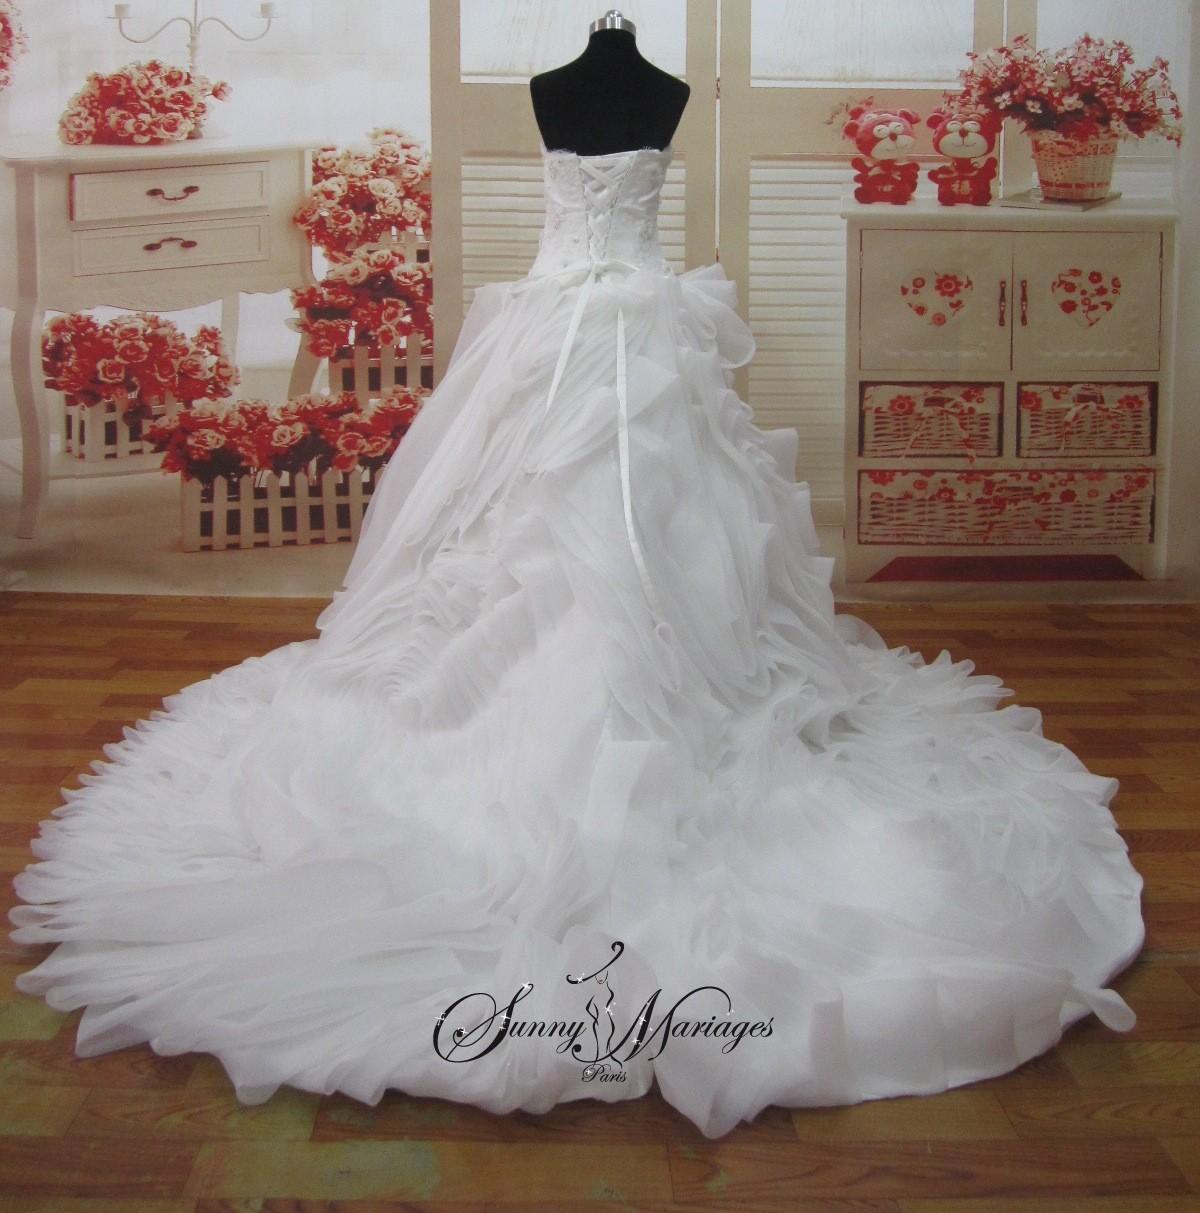 Robe de mariee princesse robe de mariee 2012 robe de mariee bustier robe de mariee createur - Image de princesse ...